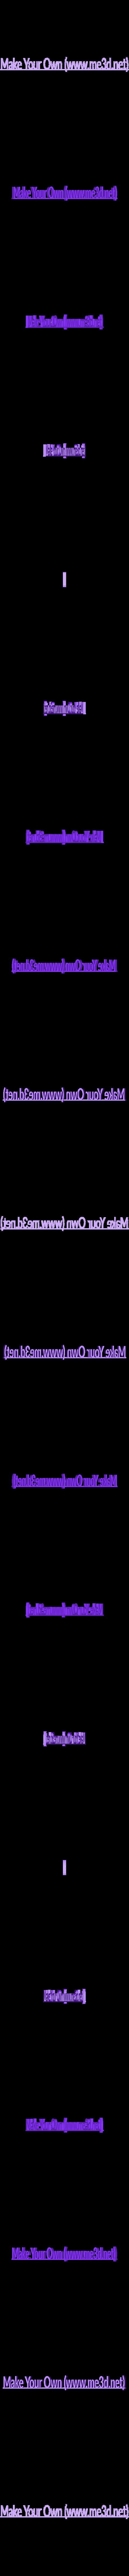 desktop-sign.stl Download free STL file Desktop Sign • 3D printable model, QwertyPlate